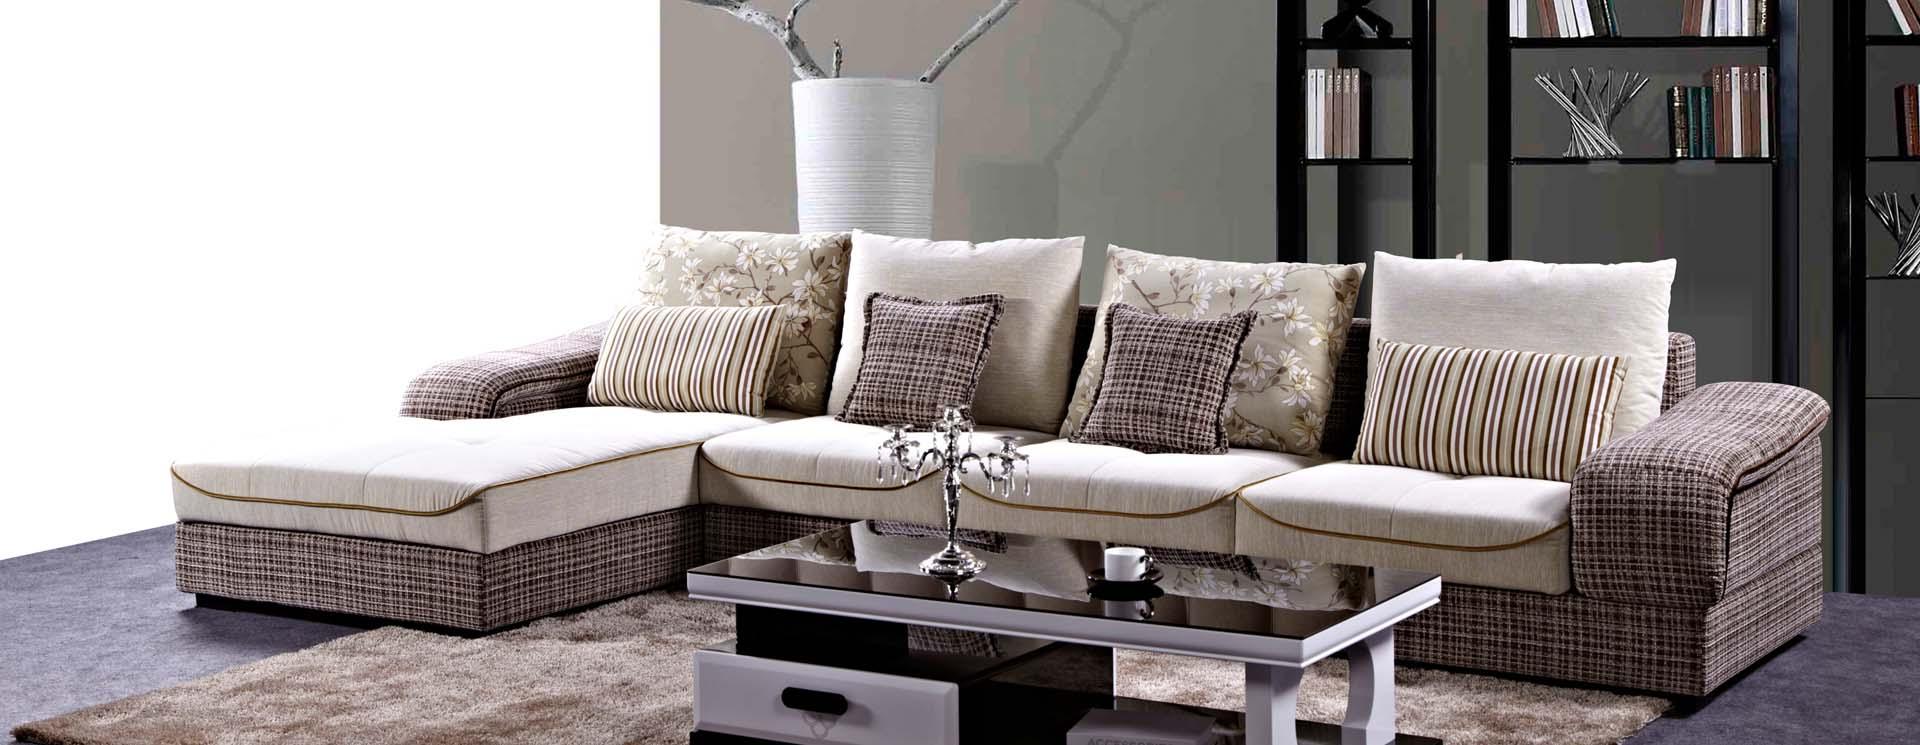 名称:沙发SF305#A<br/> 市场价:<font style='color:#999;text-decoration:line-through;'>¥0</font><br />全国统一零售价:<font color='Red'>¥0.0</font>